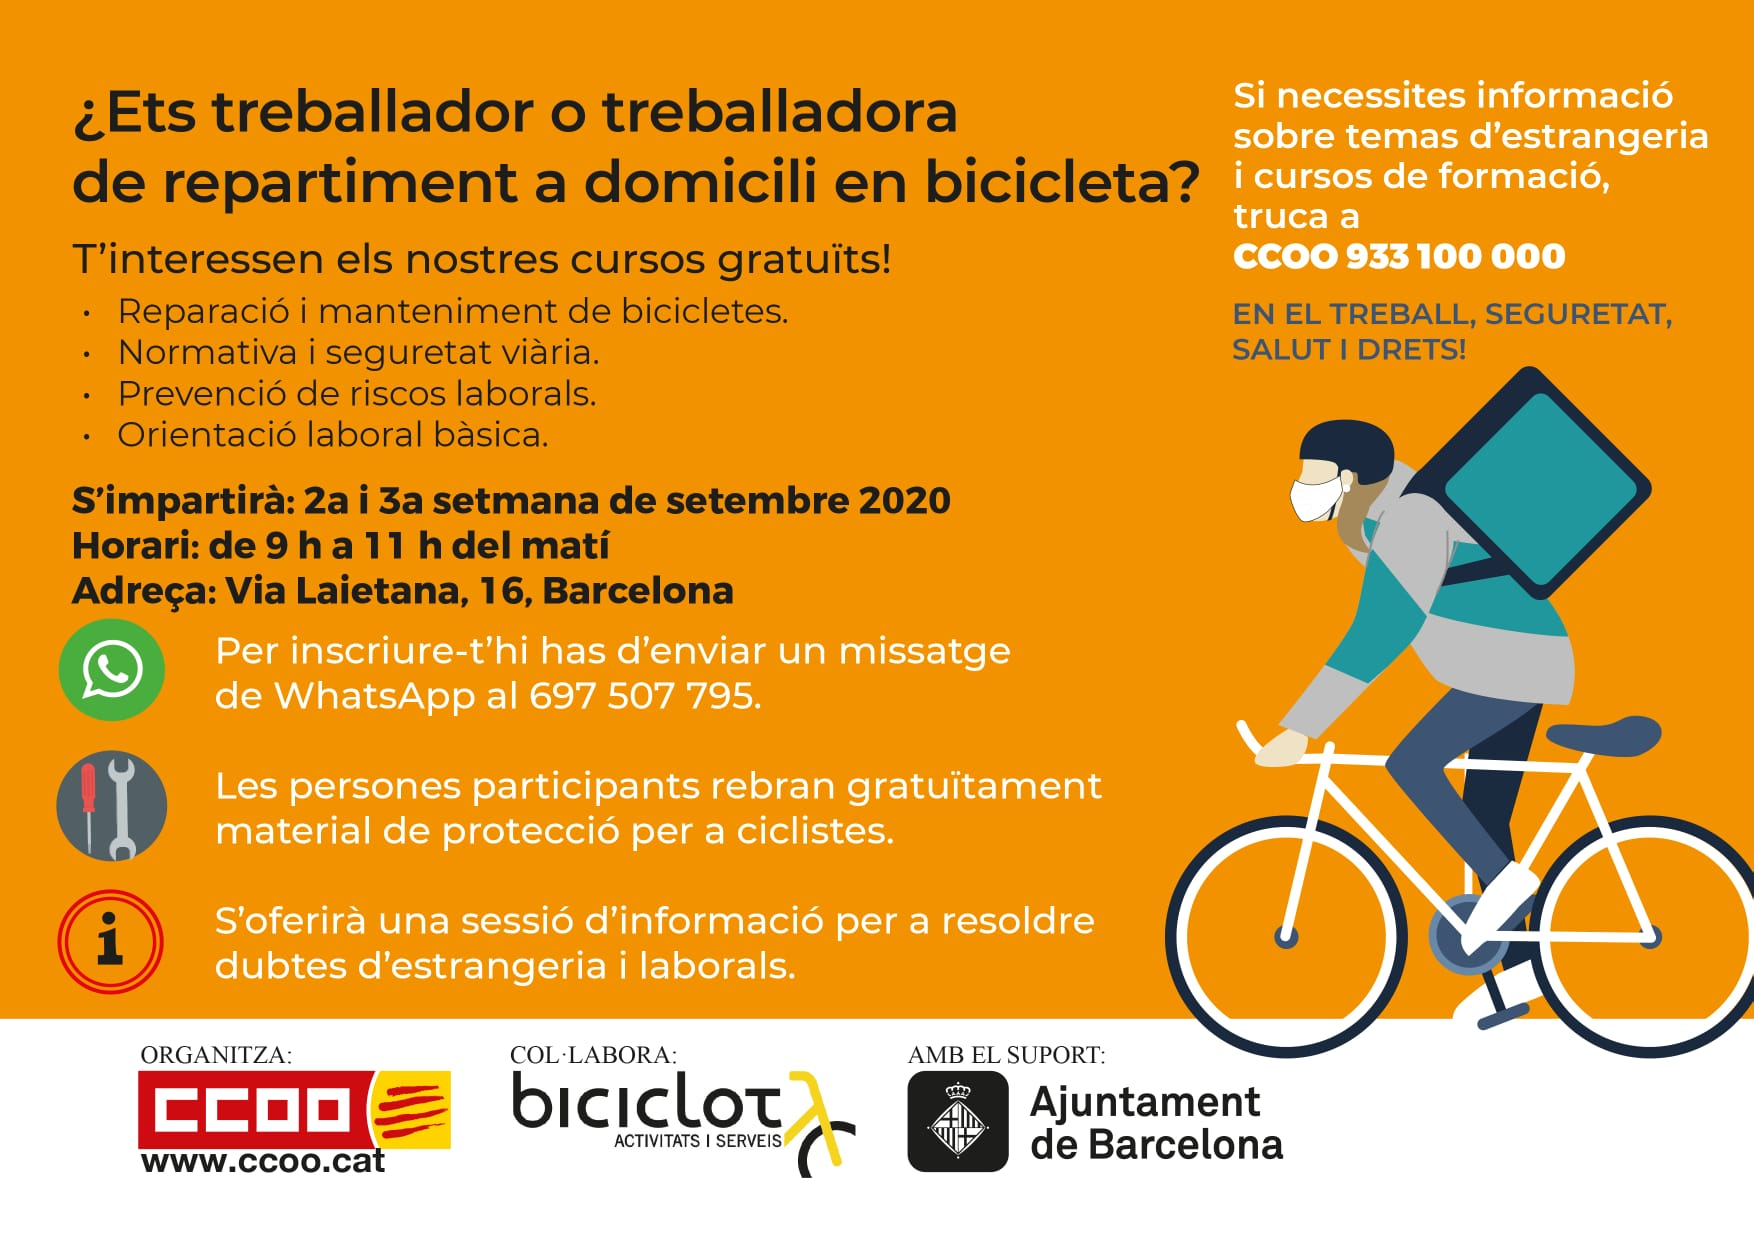 Ets treballador o treballadora de repartiment a domicili en bicicleta?